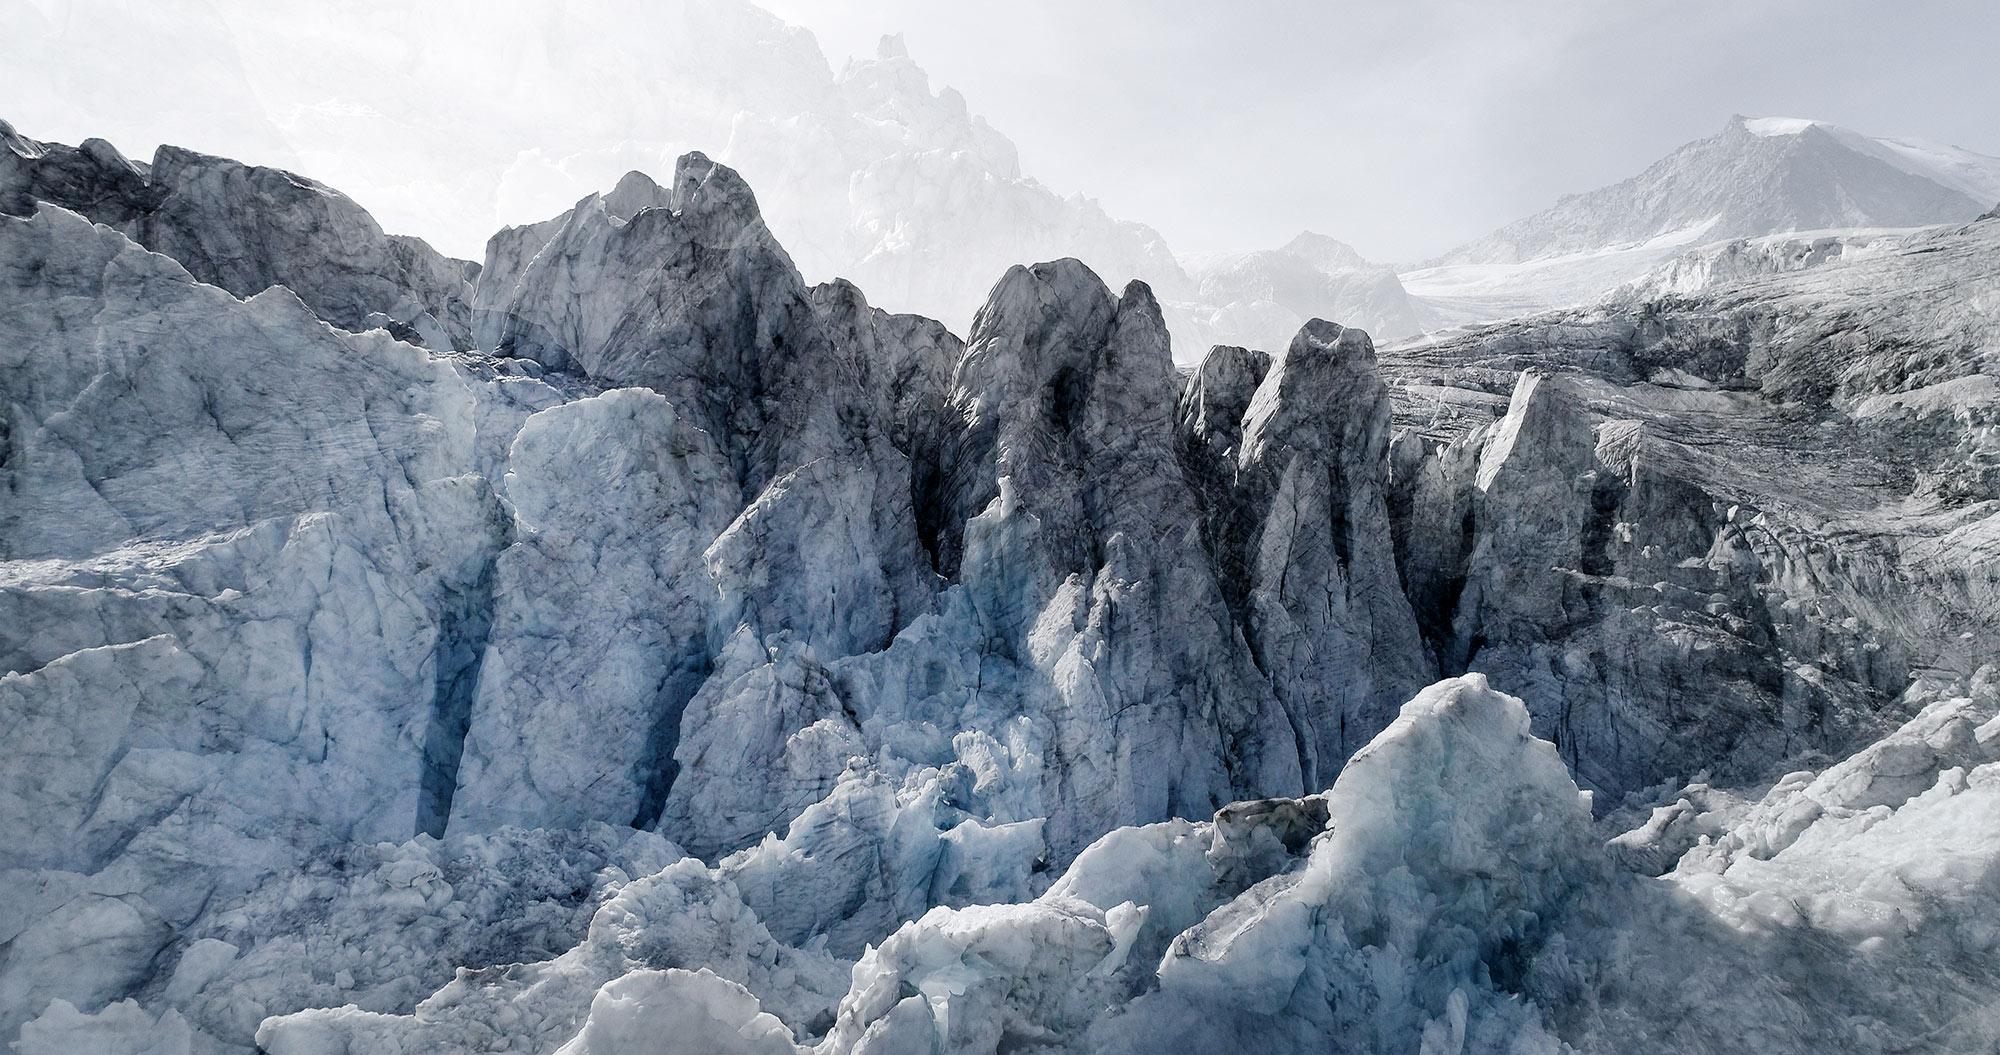 #58 Glaciers offset, 2017, photographie reconstruite à partir de bandes videos, réalisées sur le glacier de Moiry